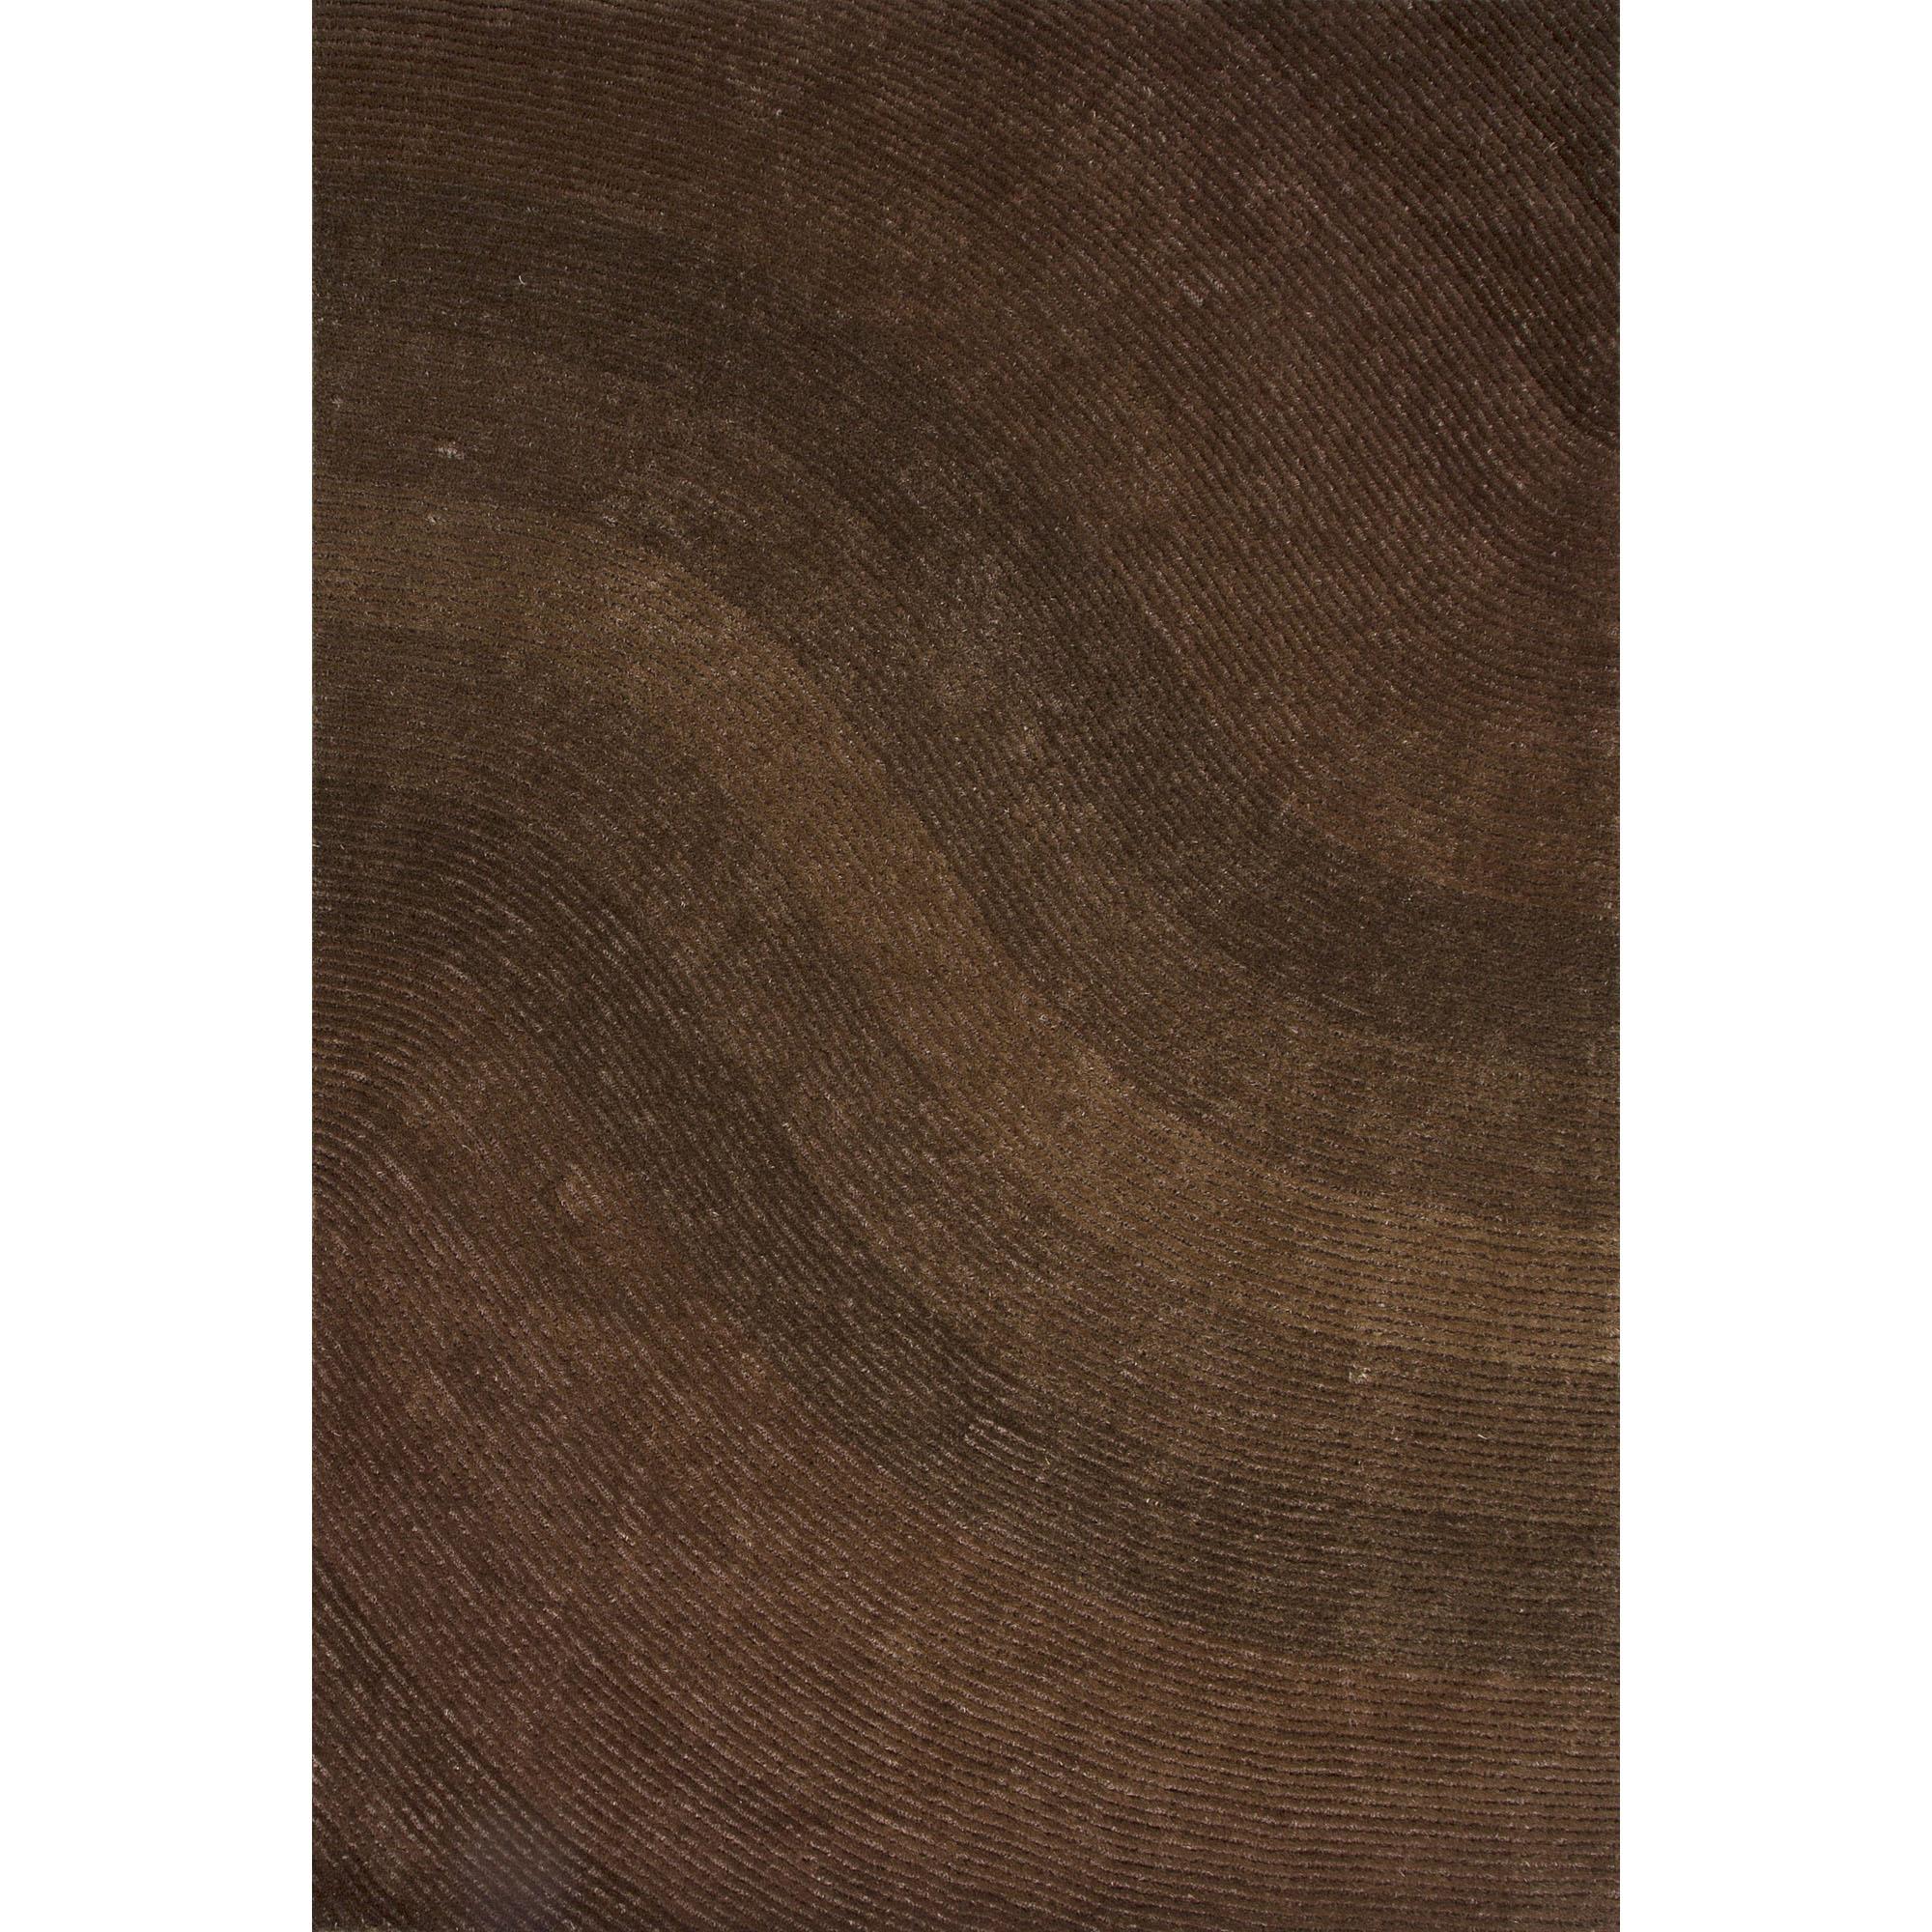 JAIPUR Rugs Track 7.6 x 9.6 Rug - Item Number: RUG121965